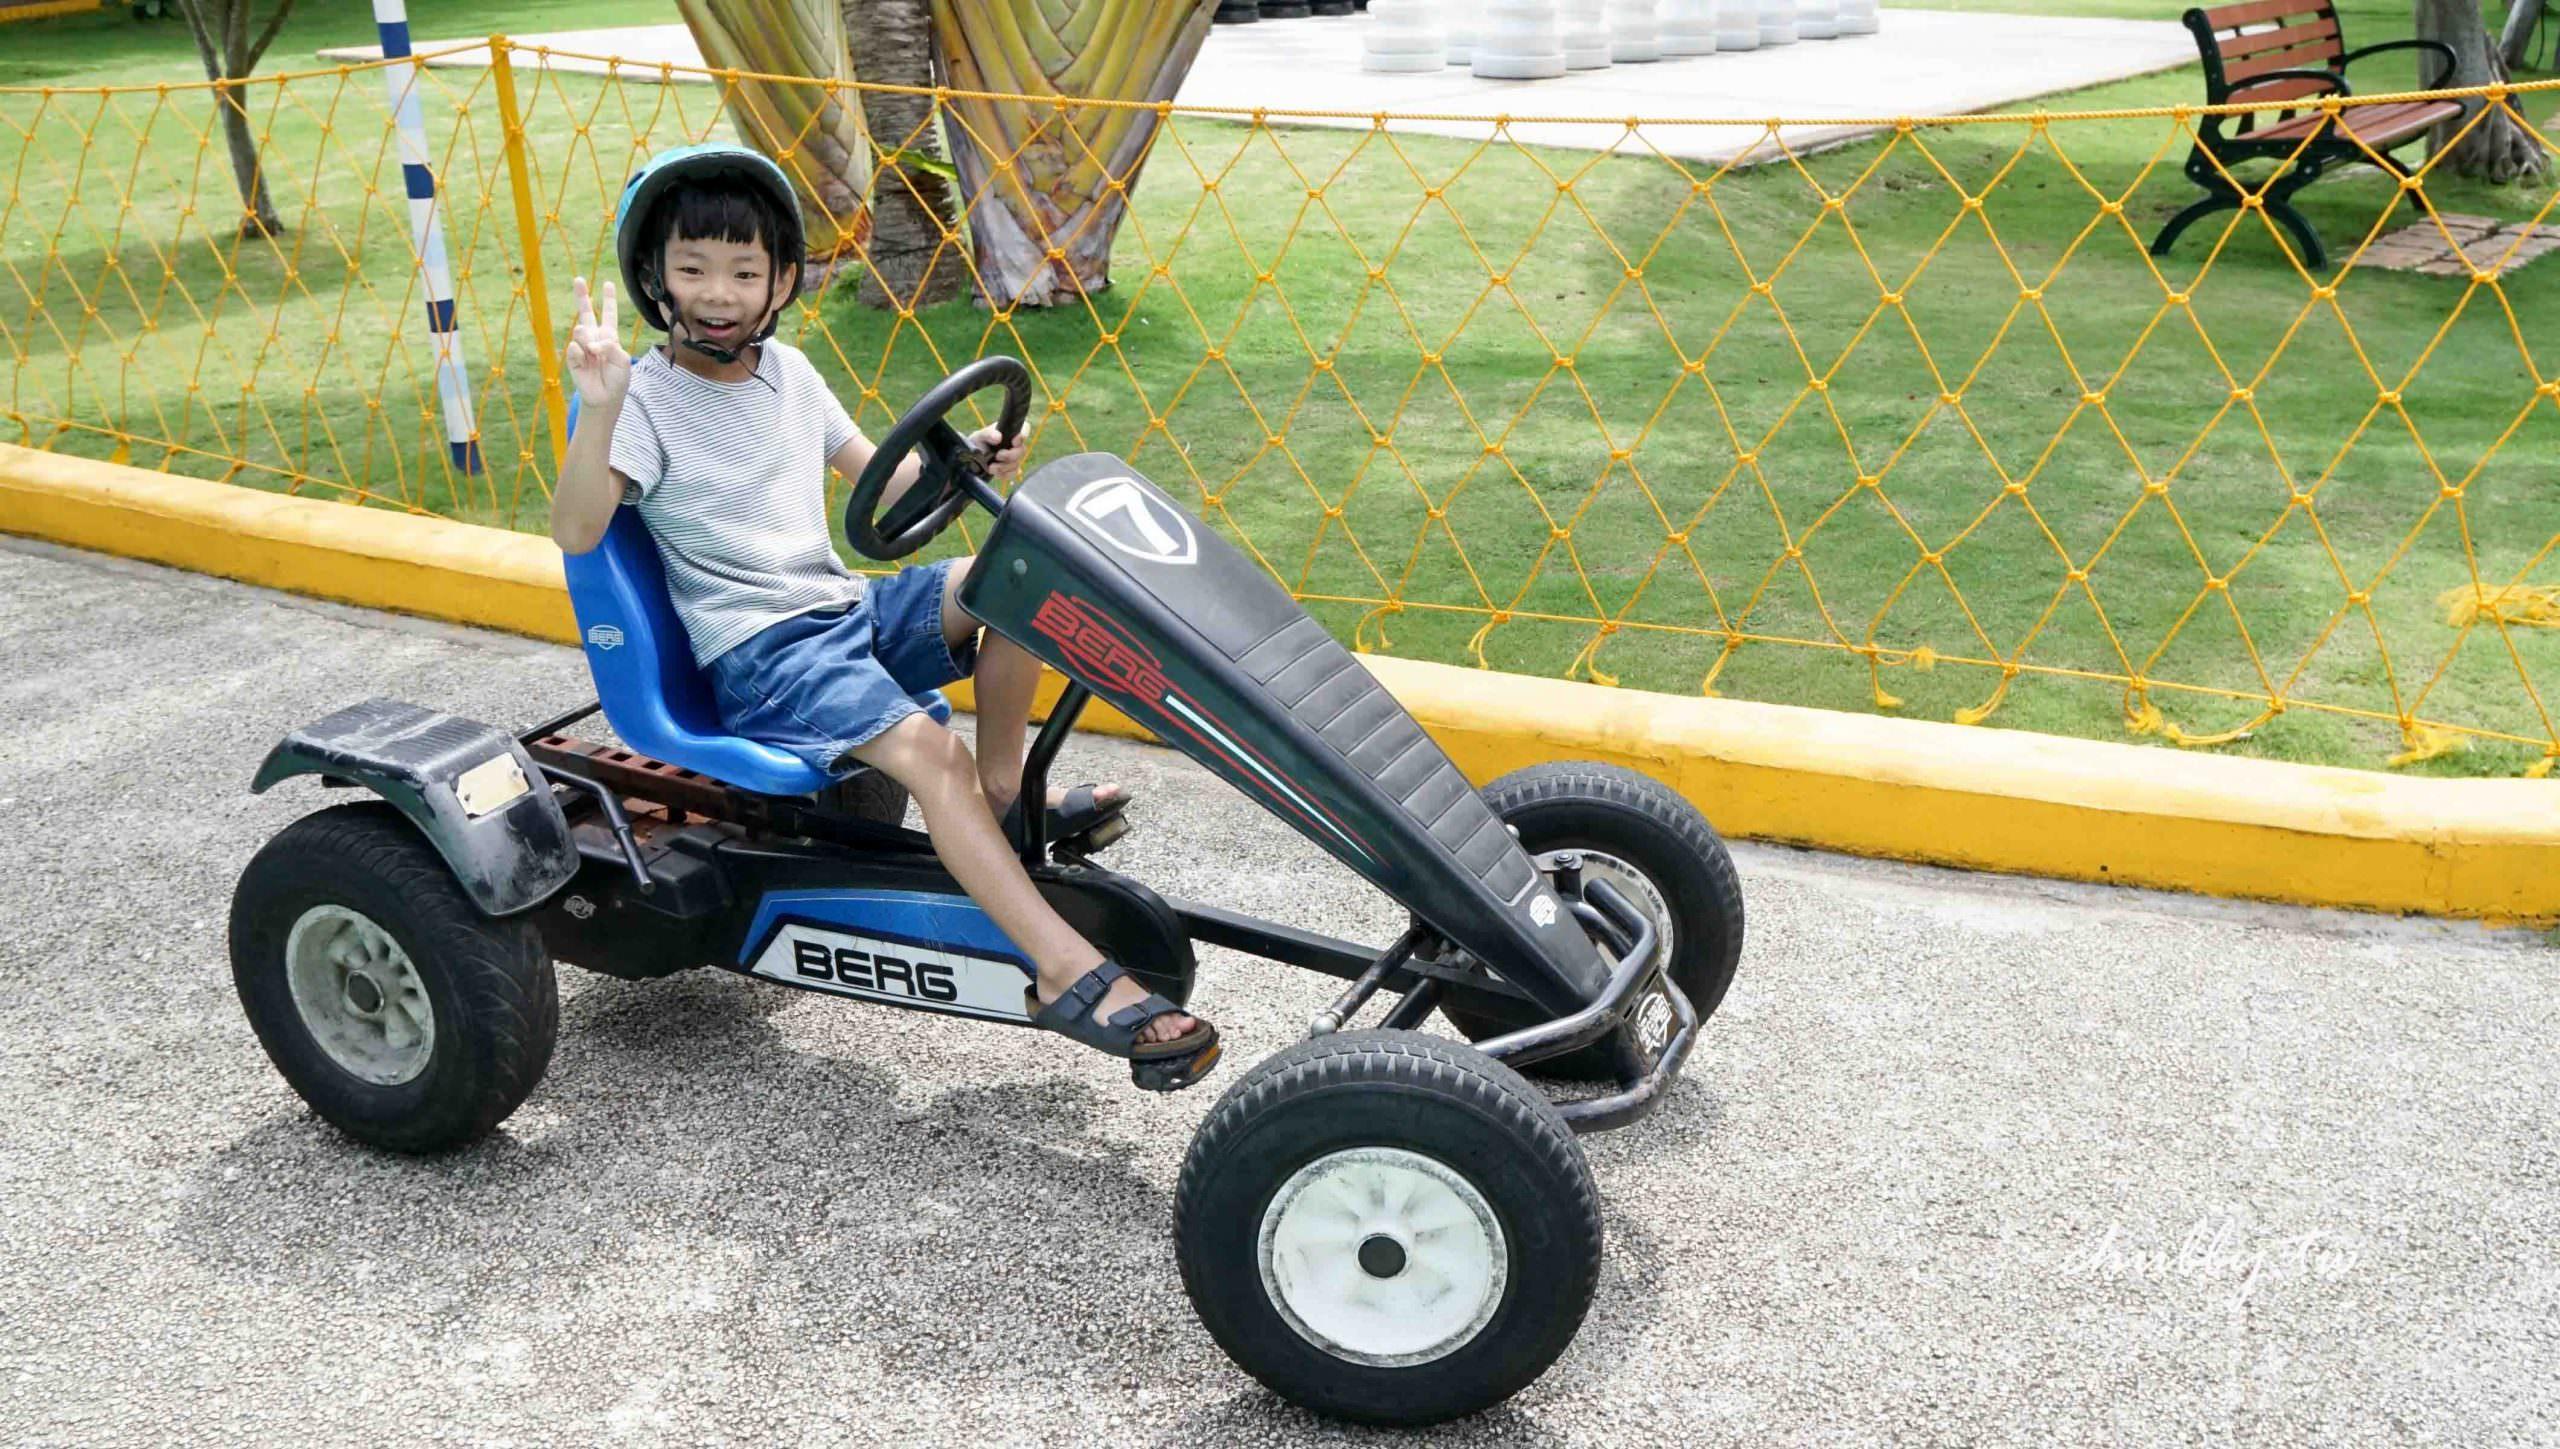 宿霧度假村推薦:Jpark Island Resort & Waterpark 小孩的夢幻水上樂園!Day Pass一日票票價&功略,宿霧親子遊學必來!